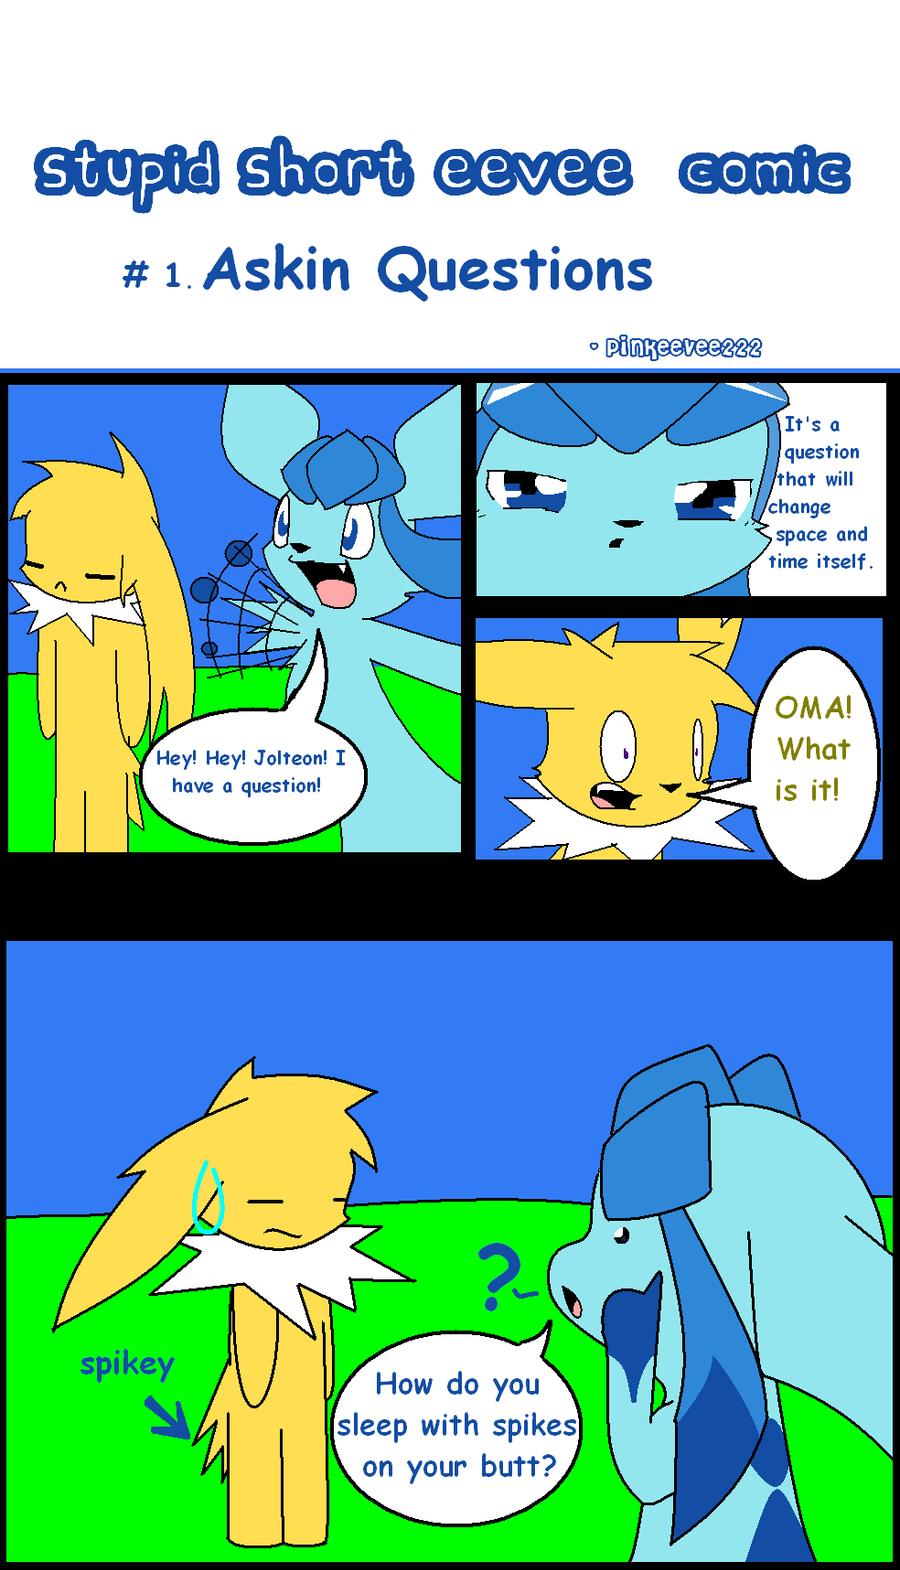 Stupid short eevee comic #1 by pinkeevee222